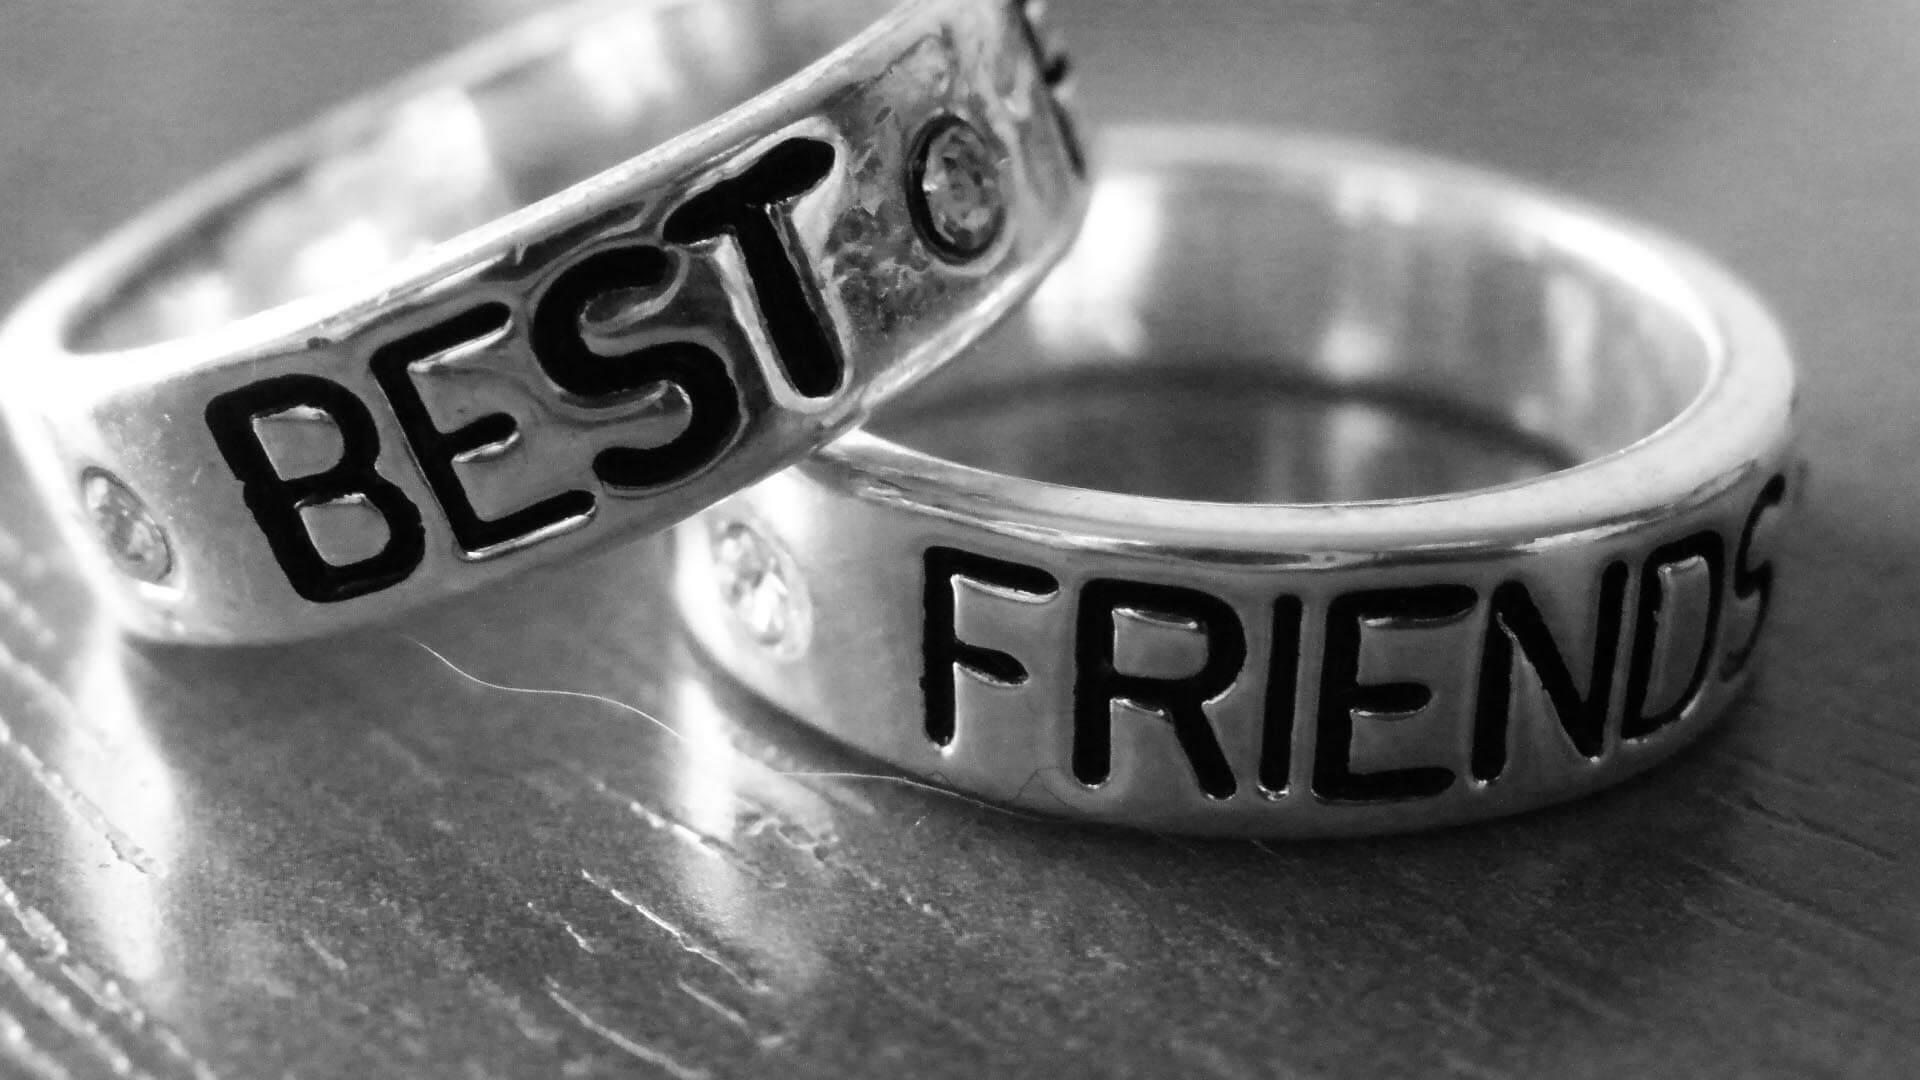 happy friendship day steel rings hd wallpaper